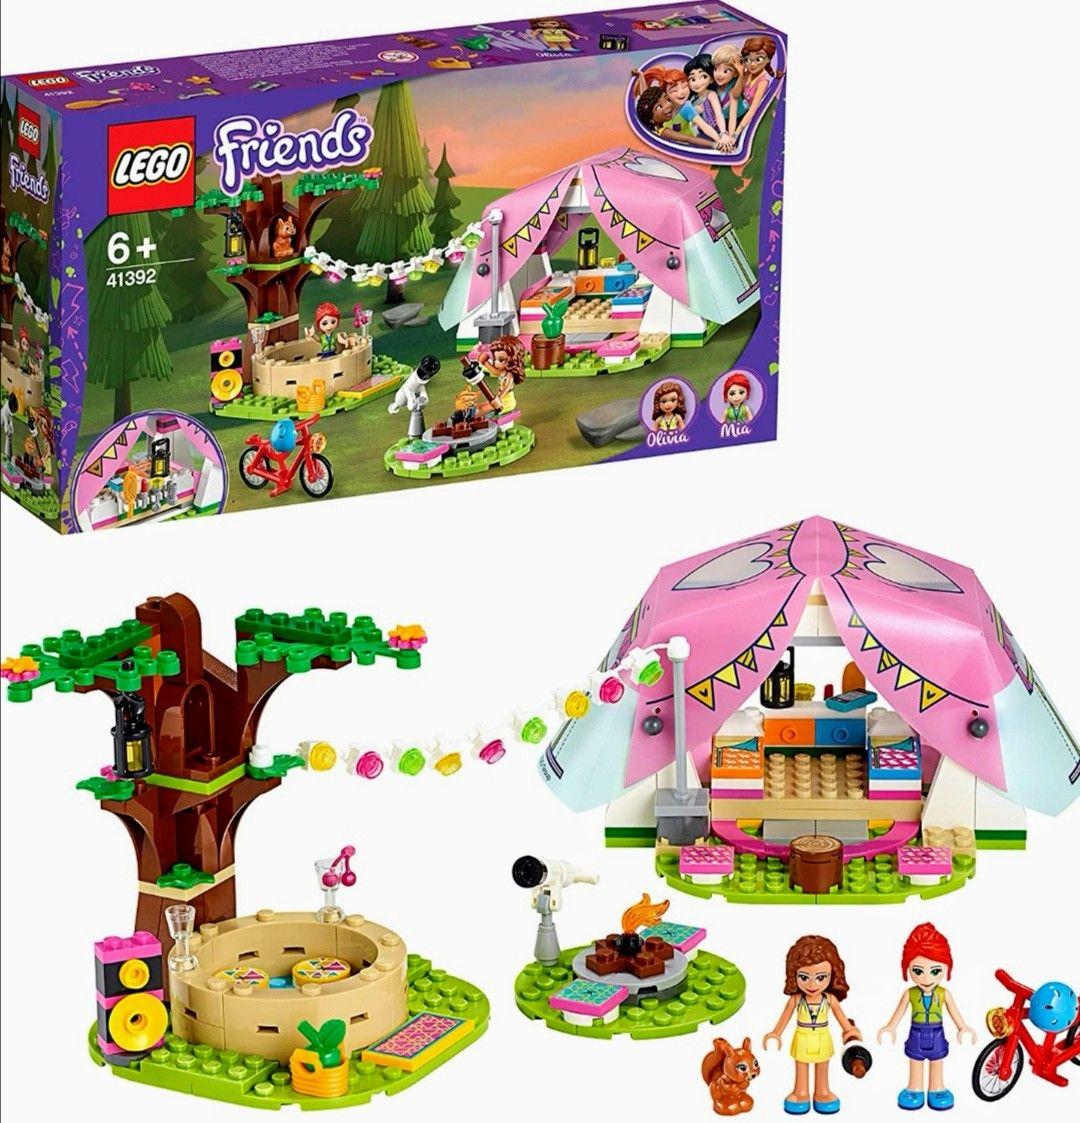 LEGO FRIENDS Aventuras con Tienda de Campaña de Juguete y Bicicleta Roja, Incluye Muñecas de Olivia y Mia (Precio al tramitar)